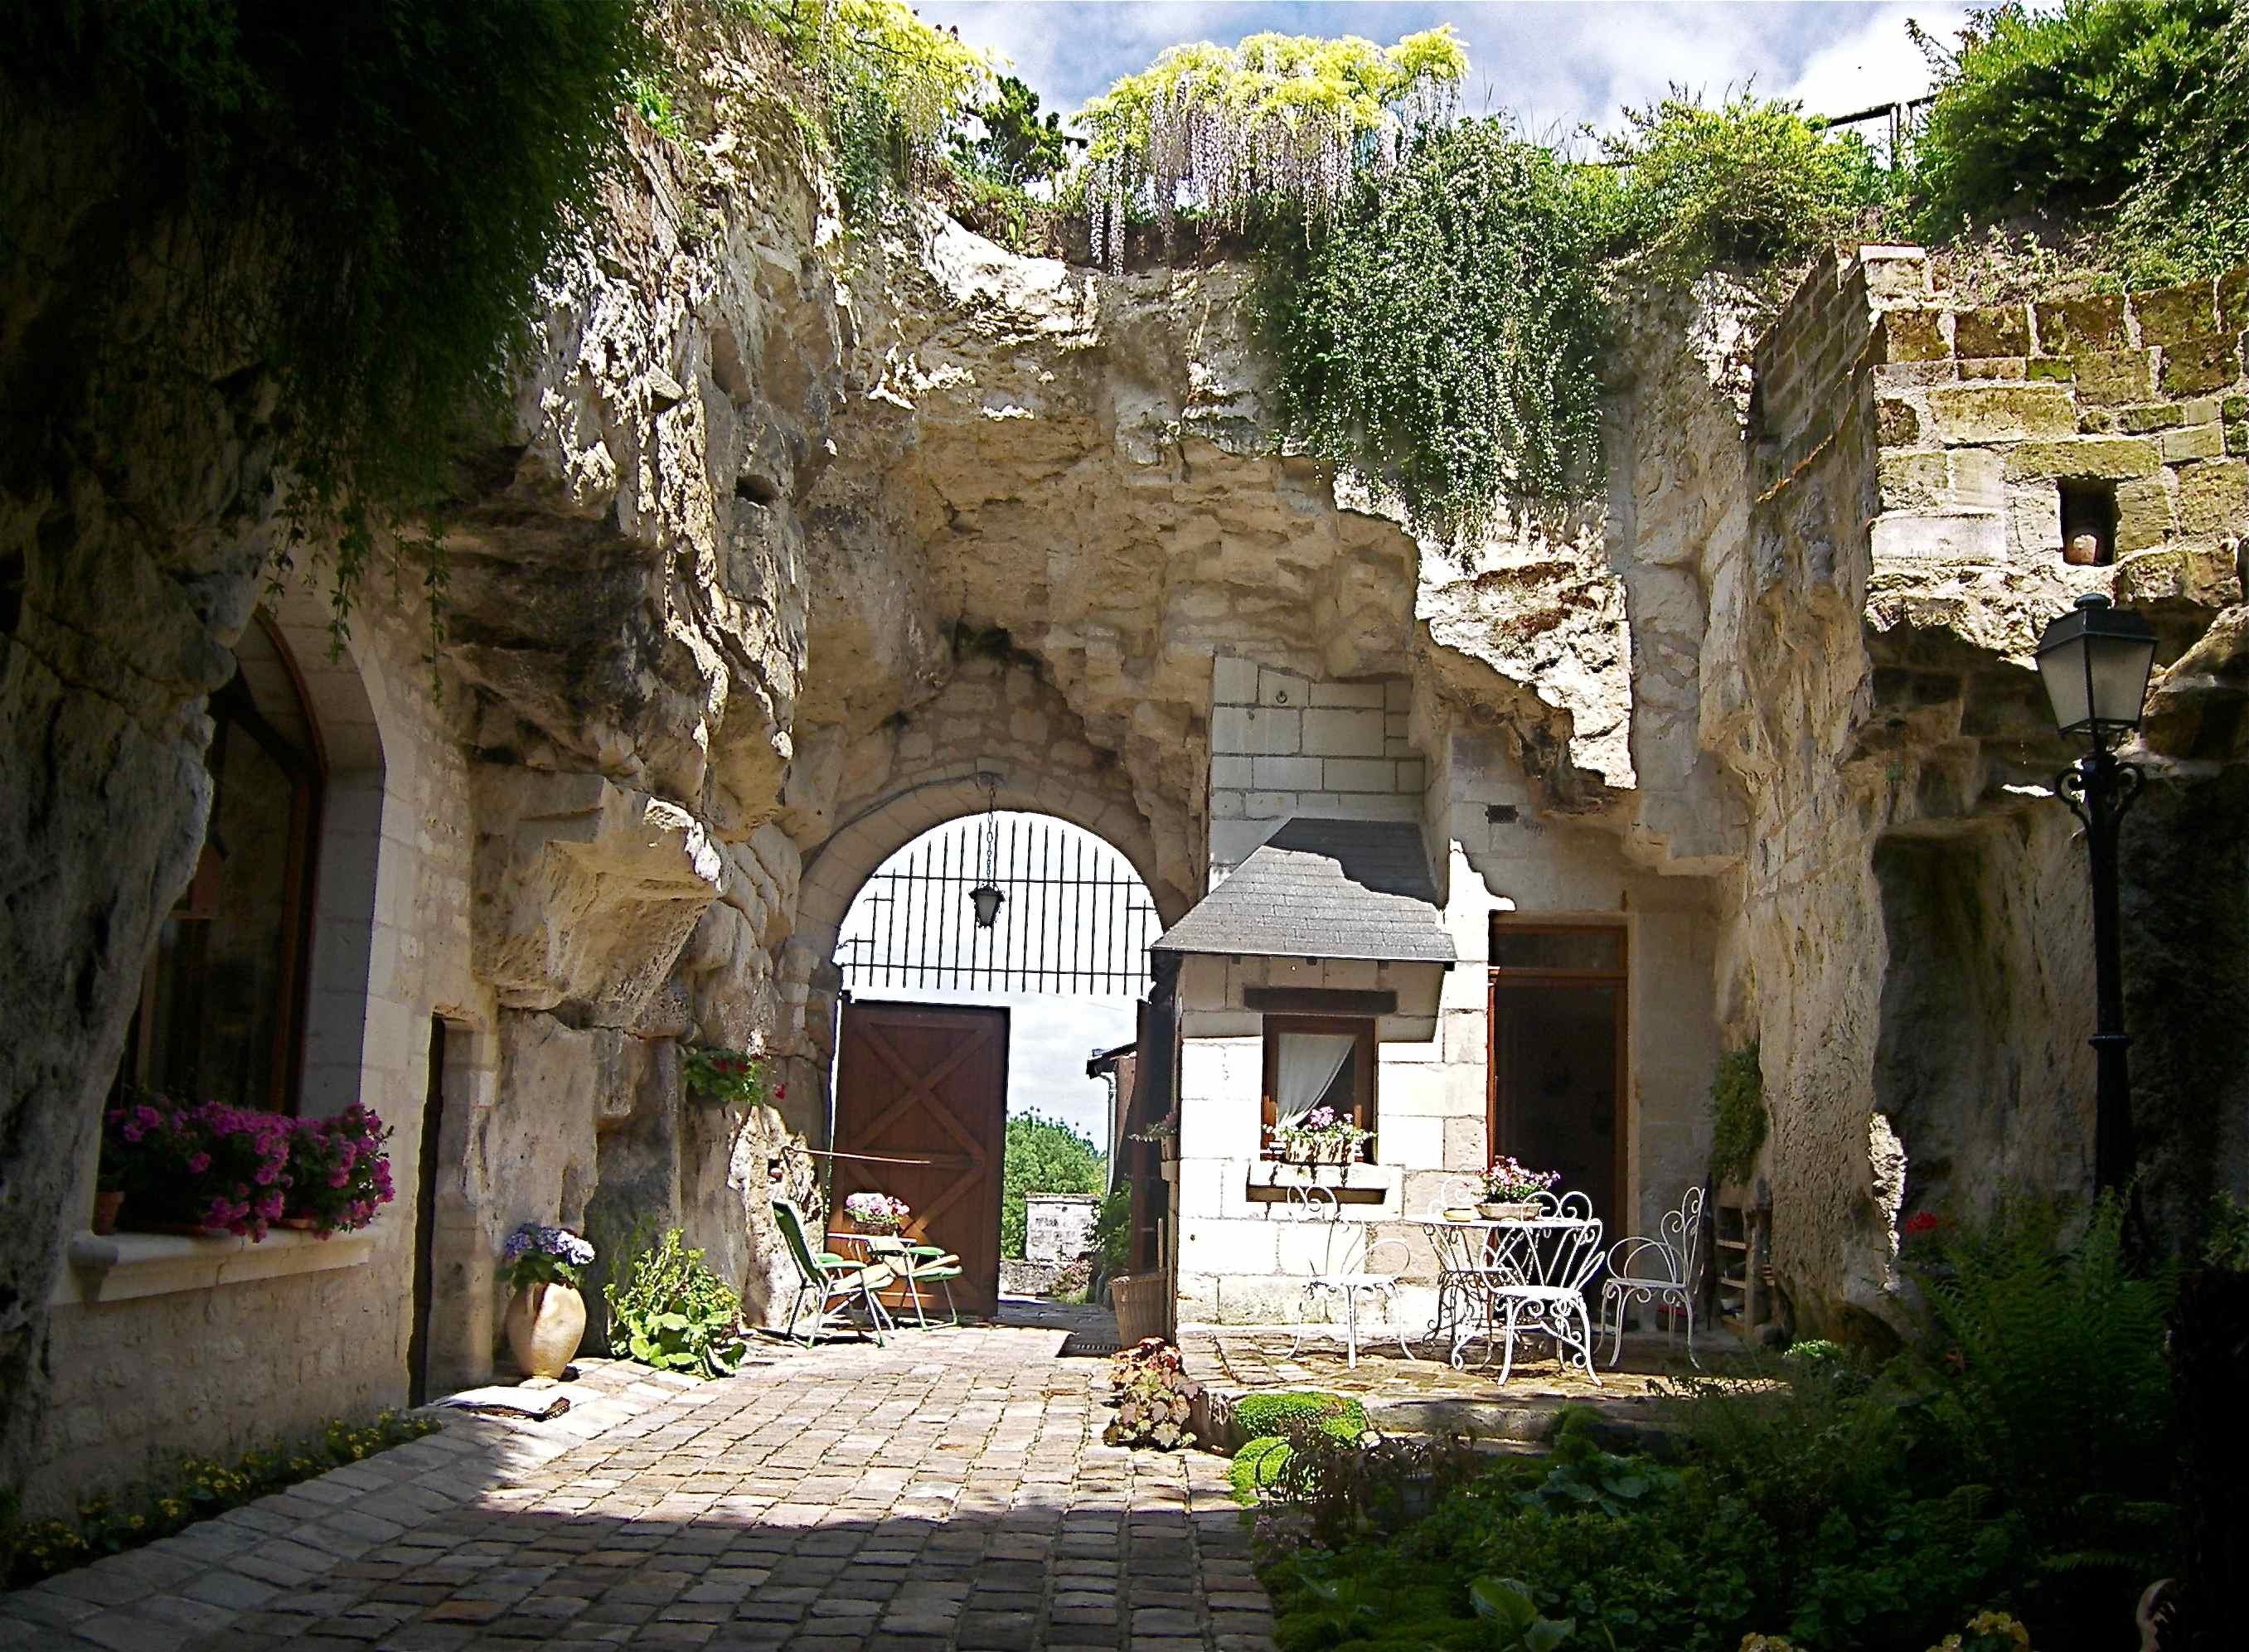 Montsoreau maison avec jardin troglodyte douceur de la for Architecture troglodyte